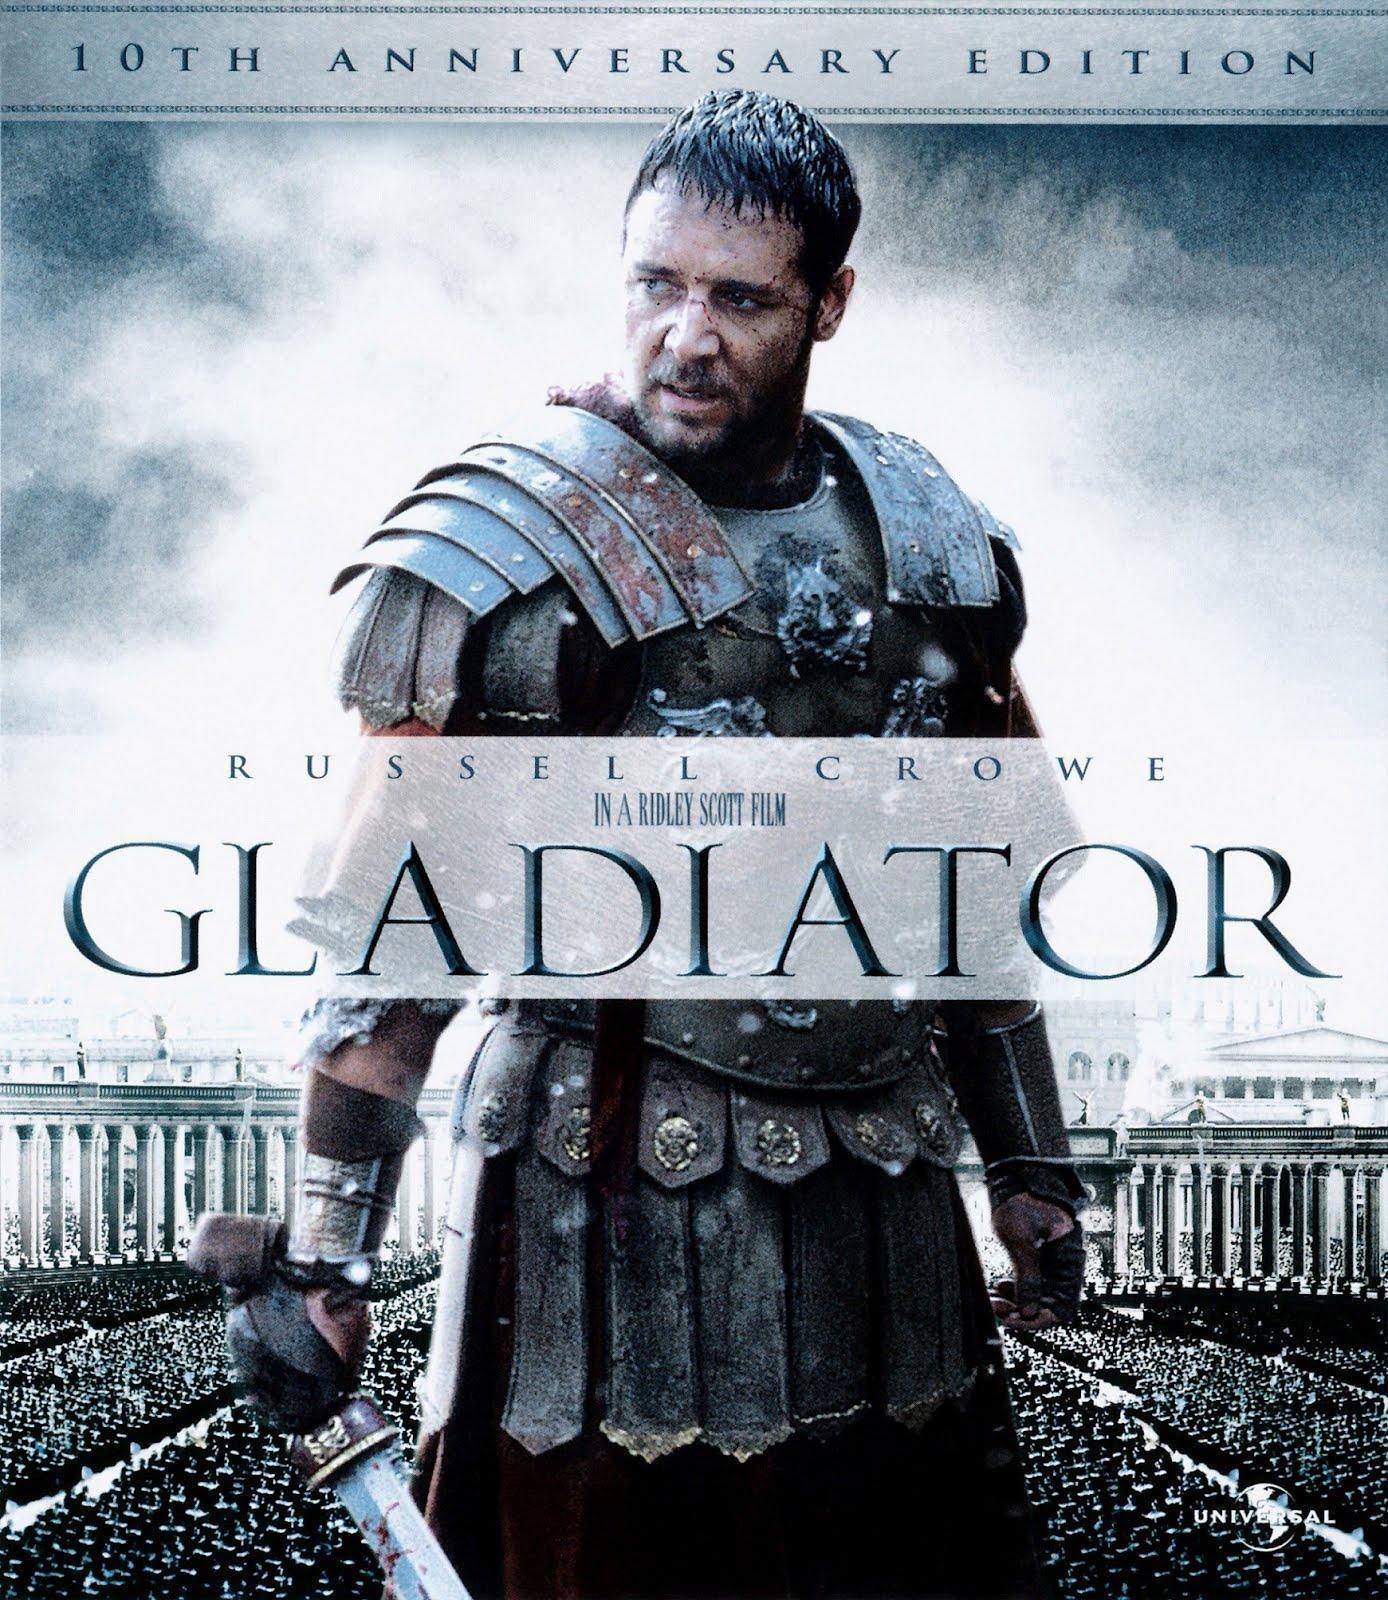 http://1.bp.blogspot.com/-2PjDBQZMitg/T6TtD6XD7TI/AAAAAAAAAEY/JuInraMo2bI/s1600/gladiator-movie-poster.jpg